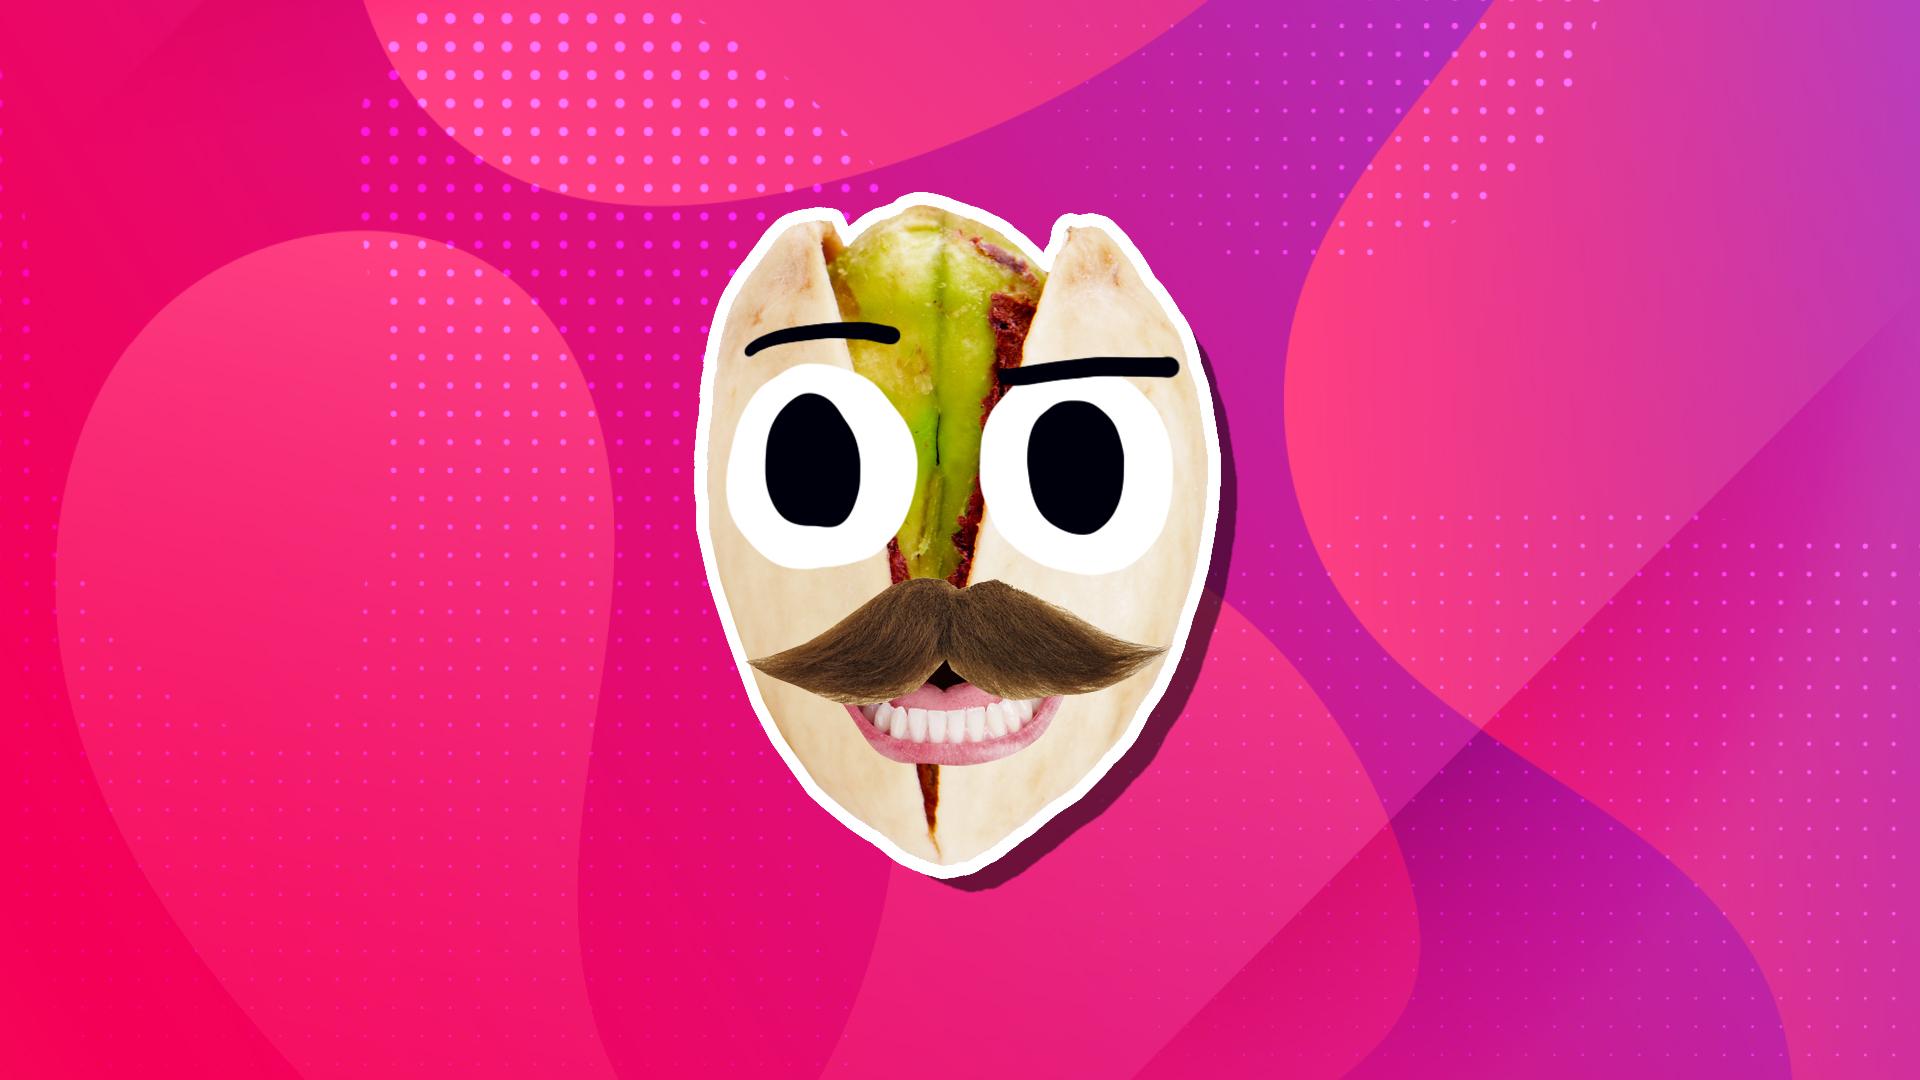 A pistachio with a moustache